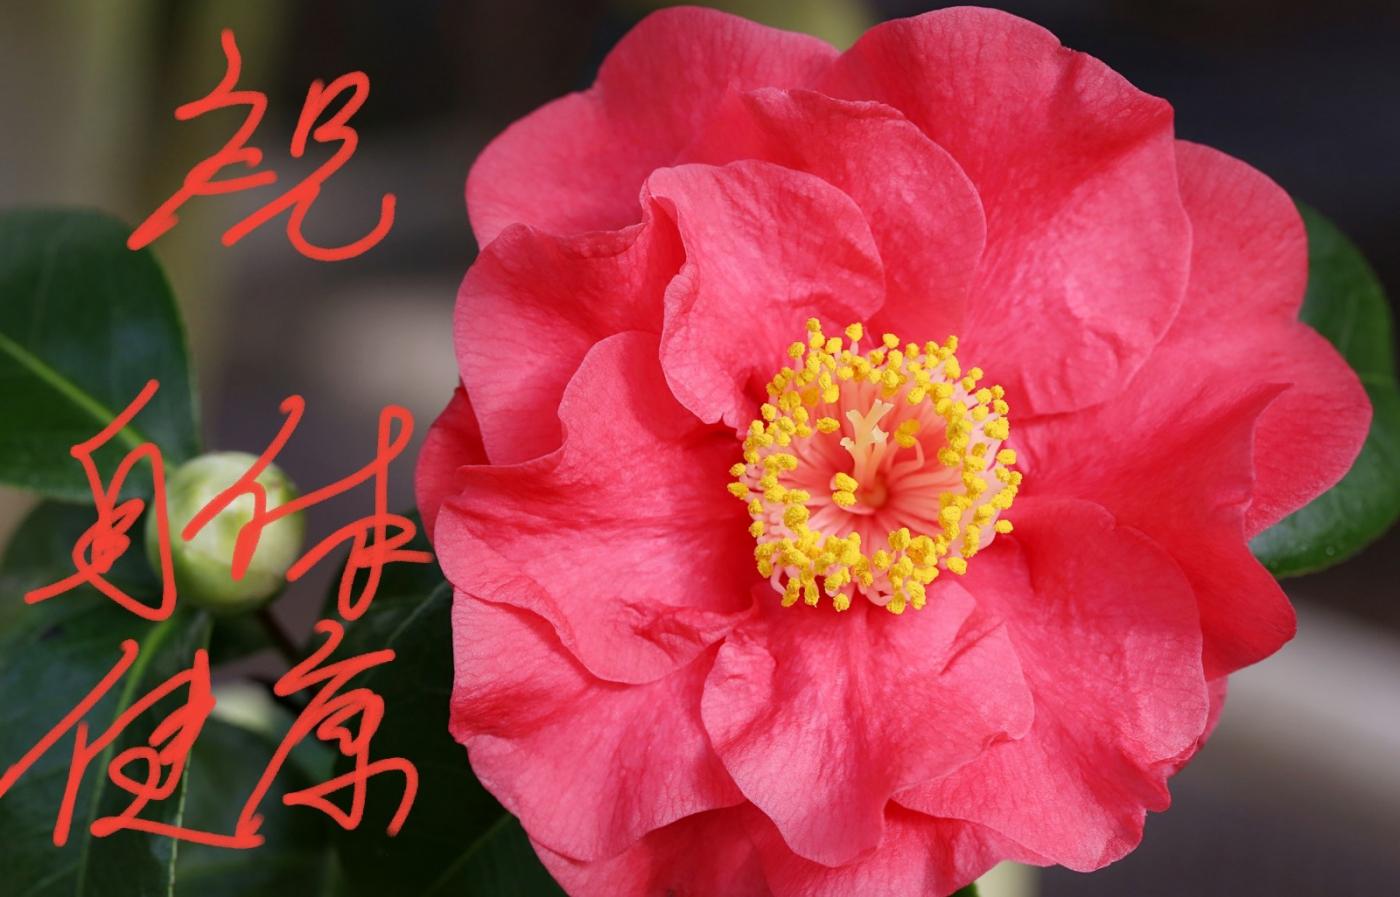 〔田螺攝影〕把祝福寫進花開里 新年好!_圖1-22